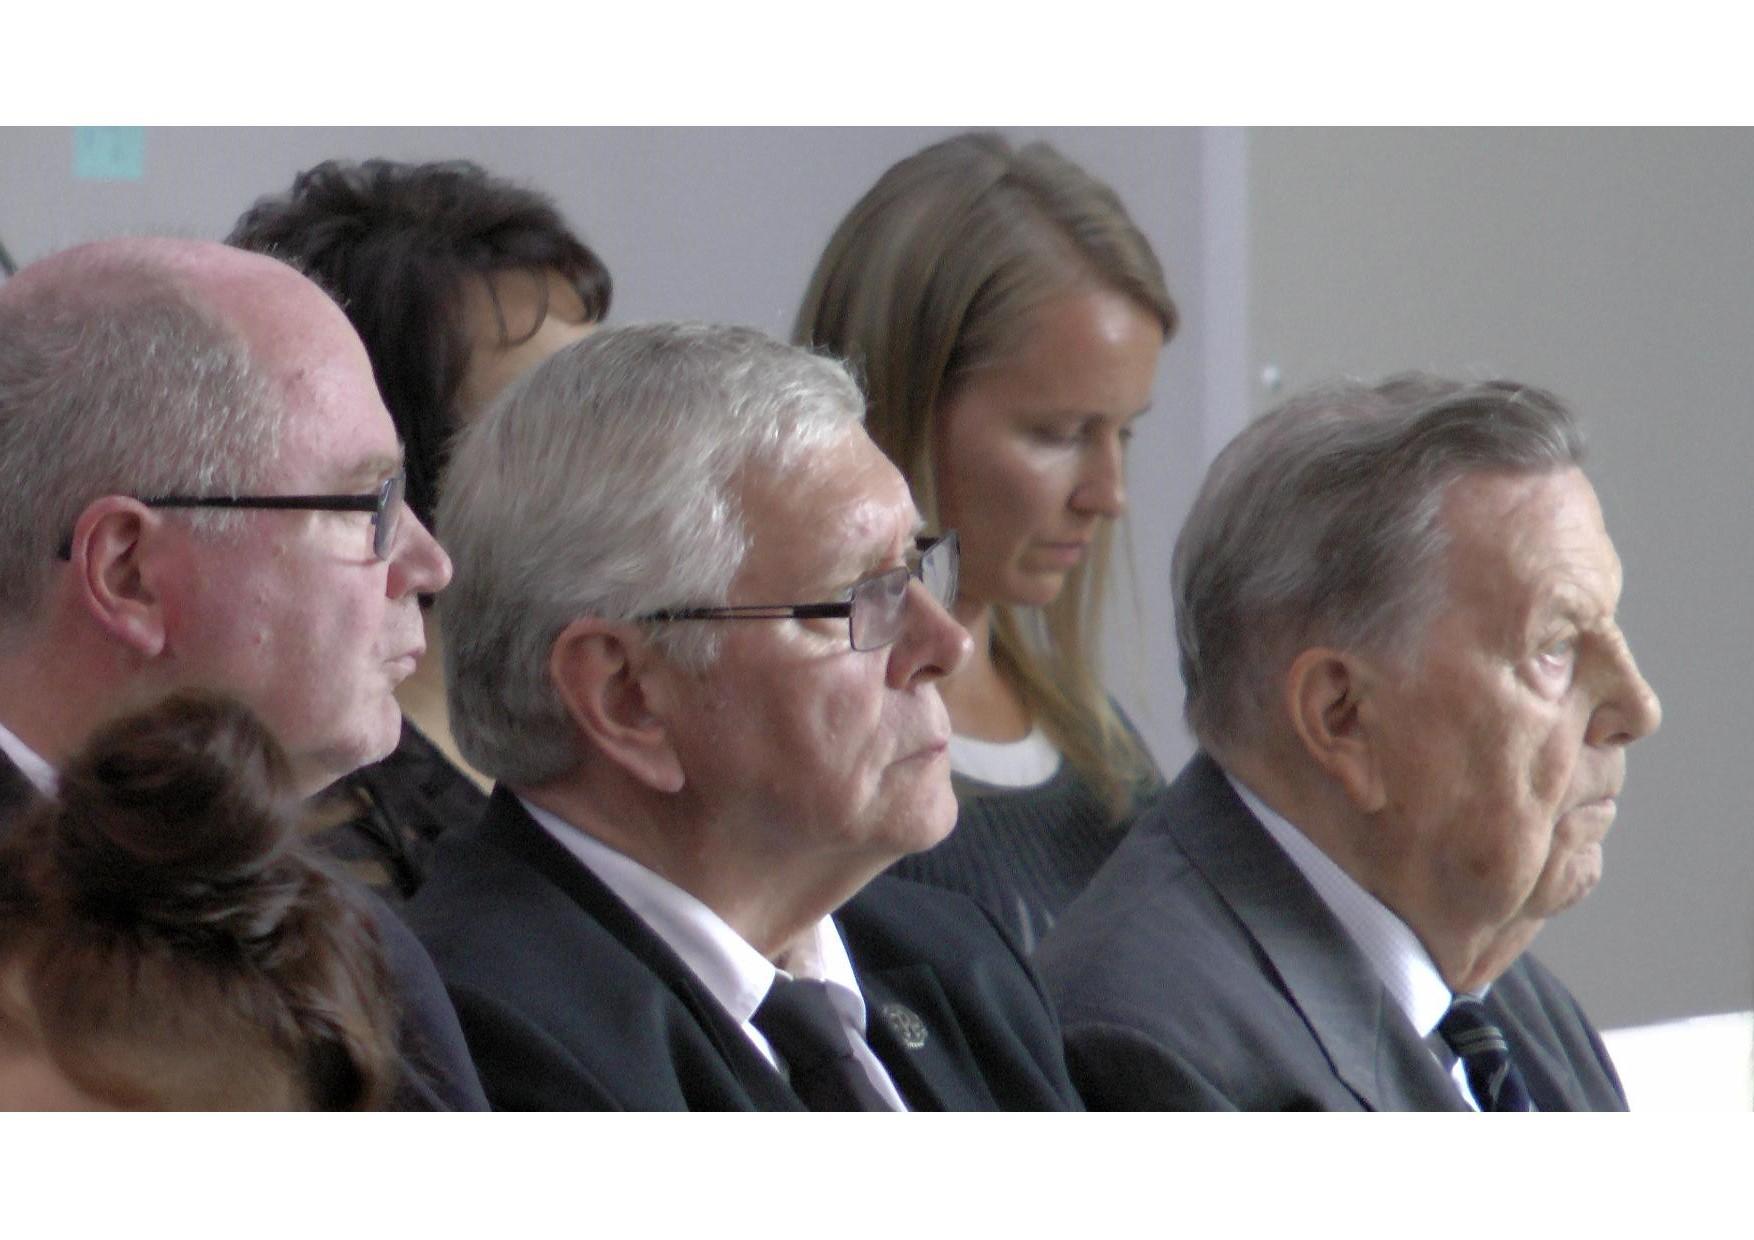 Kansalaisjuhlan 70 vuotta Jatkosodasta juhlapuheen piti Eduskunnan puhemies Eero Heinäluoma, Rukajärven suunnan historiayhdistyksen puheenjohtaja Tenho Tikkanen avasi juhlaseminaarin, hänen vierellään kenraaliluutnantti Ermei Kanninen sekä taustalla juhlan juontaja Tiina Ihalainen.